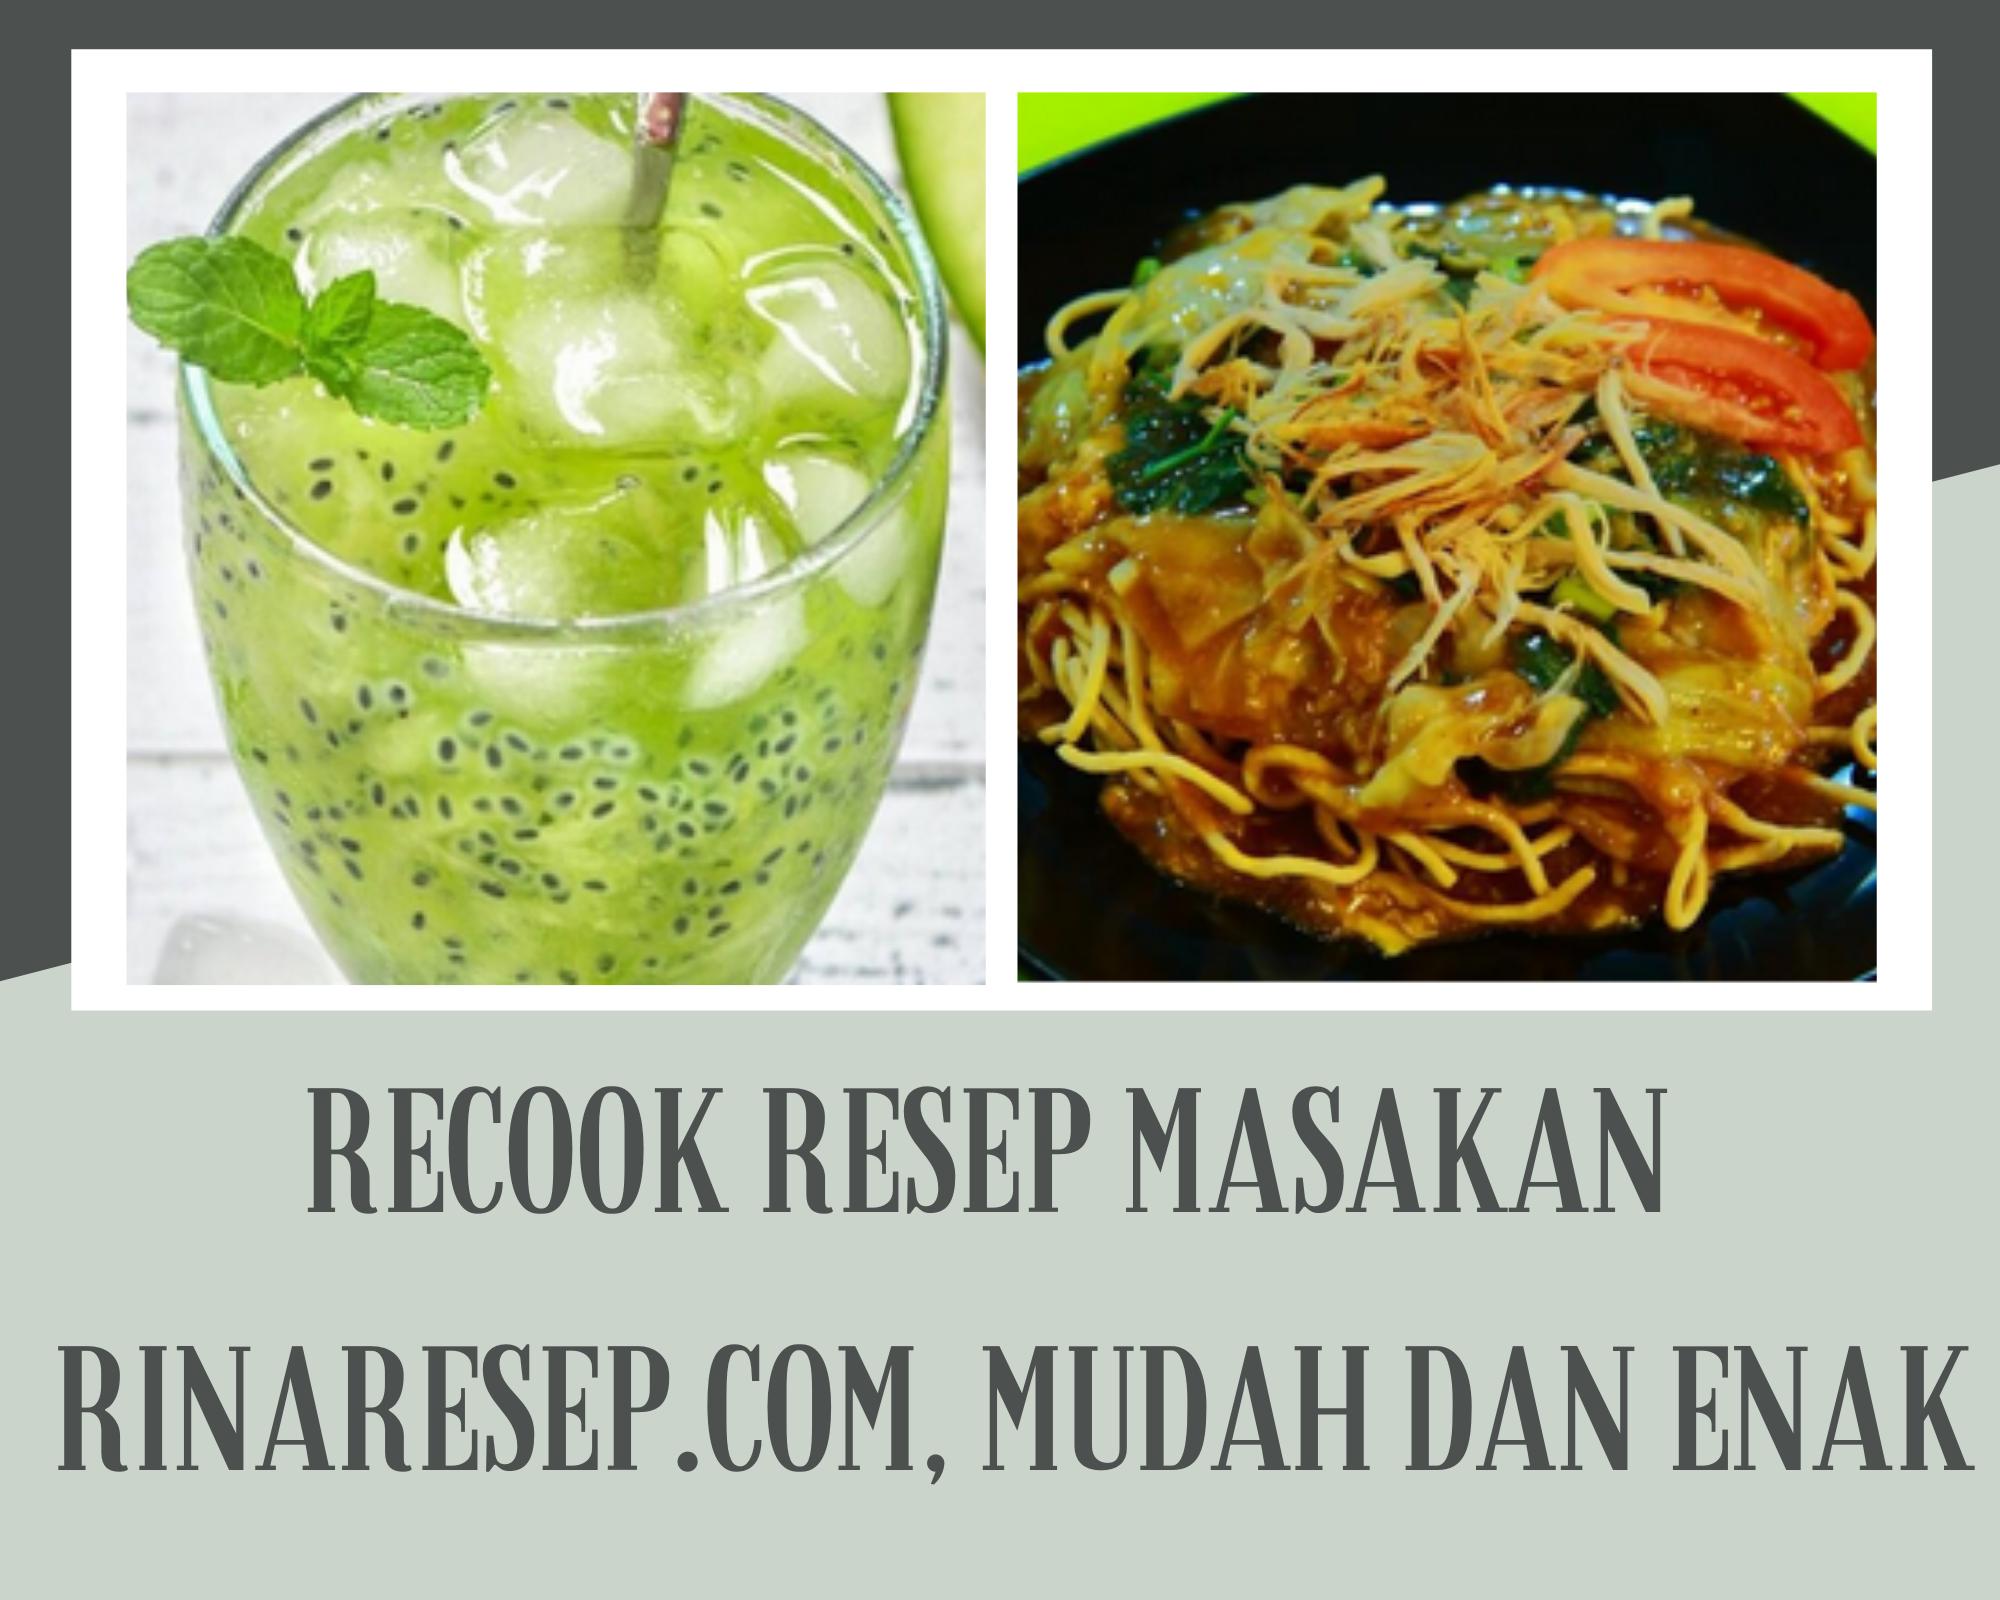 Recook Resep Masakan Rinaresep Com Mudah Dan Enak Di 2020 Resep Masakan Masakan Resep